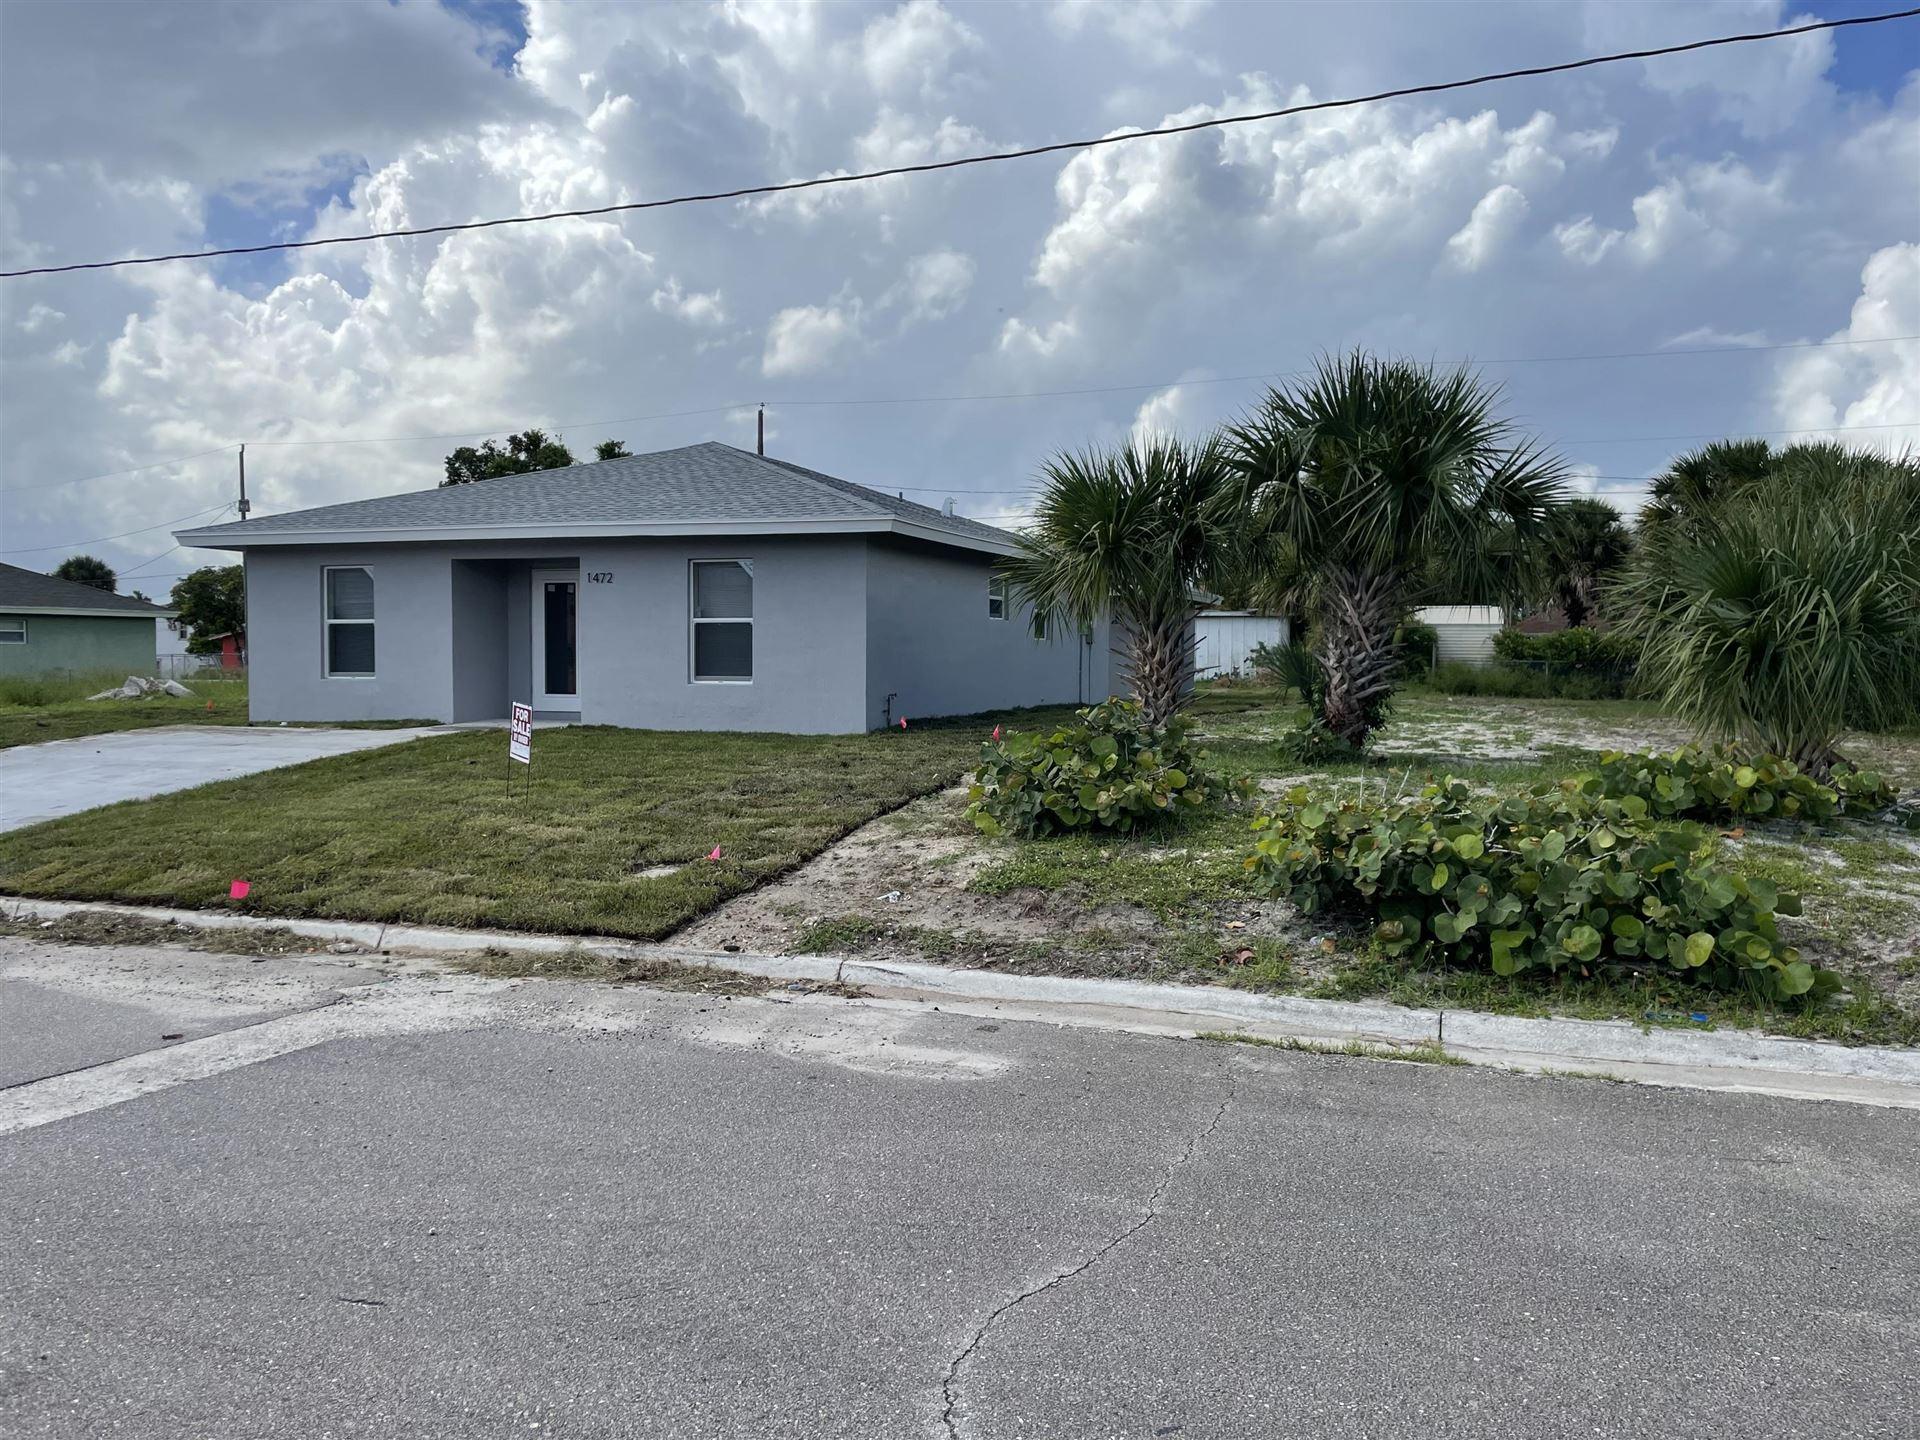 Photo of 1472 W 29 Street, Riviera Beach, FL 33404 (MLS # RX-10731995)